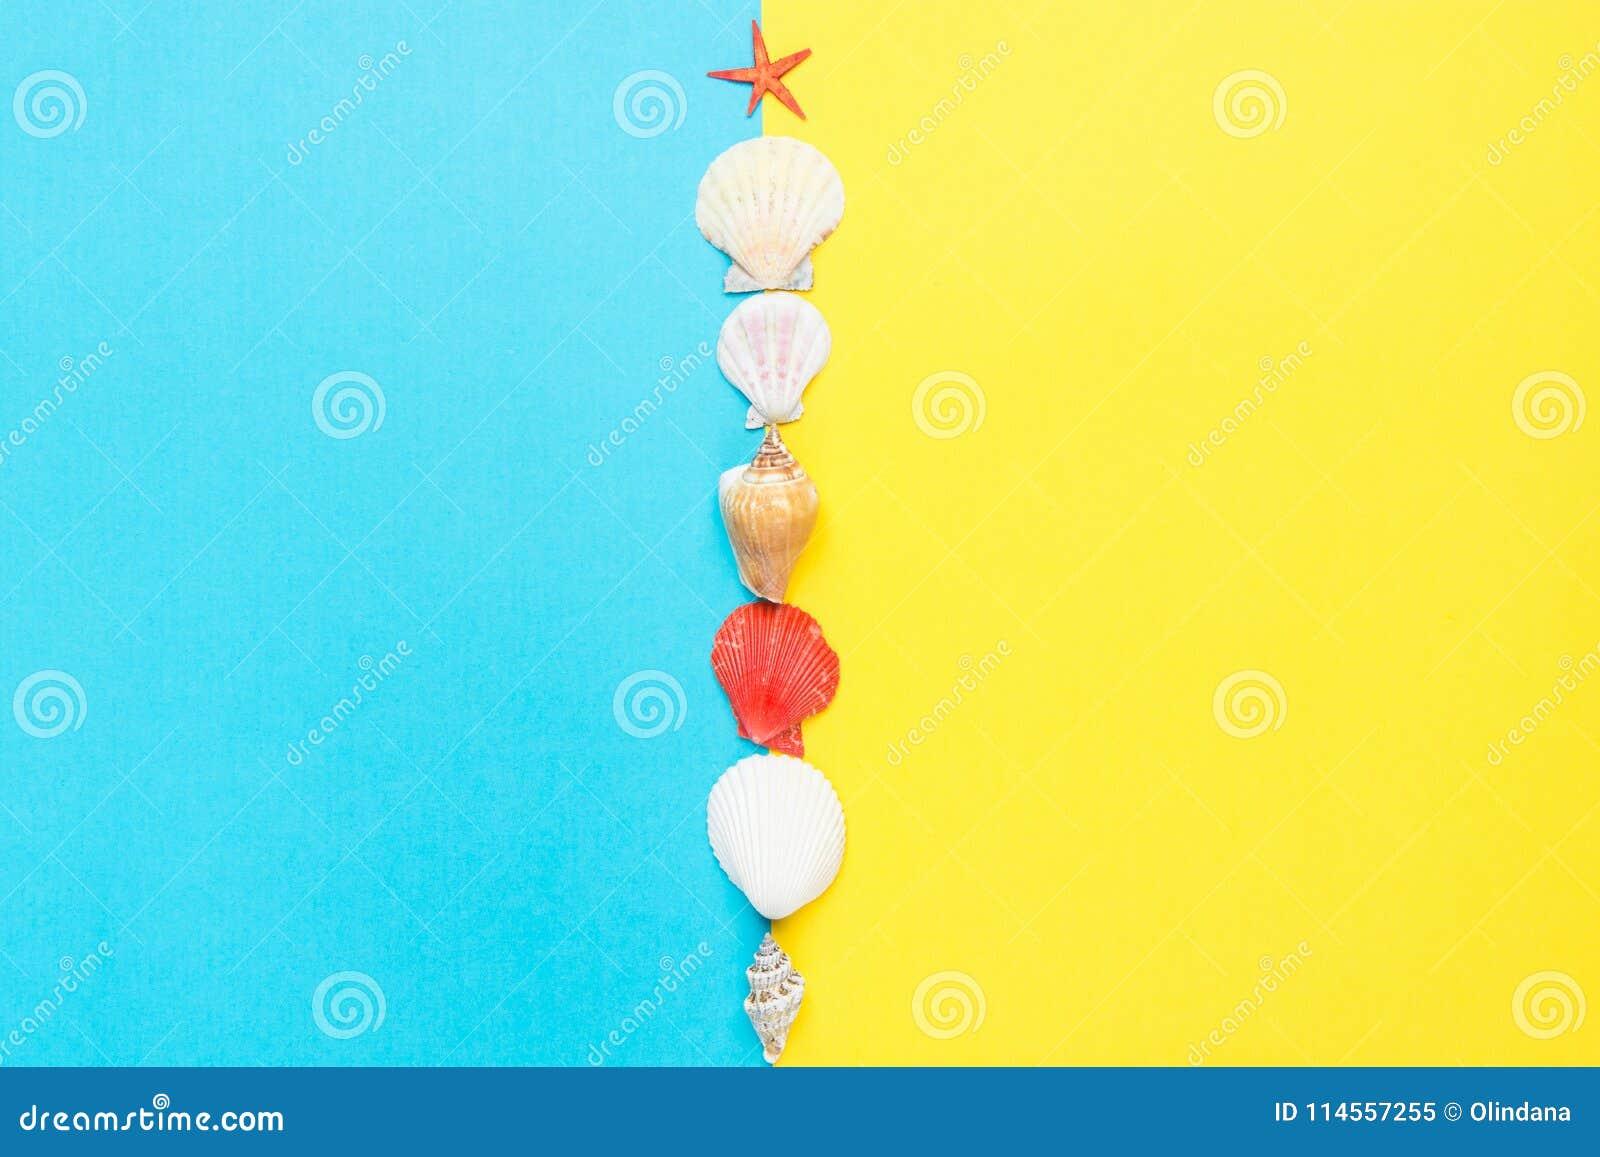 Conchiglie delle stelle marine rosse piane di spirale differente di forme su duo Tone Yellow Blue Background di spaccatura Partit